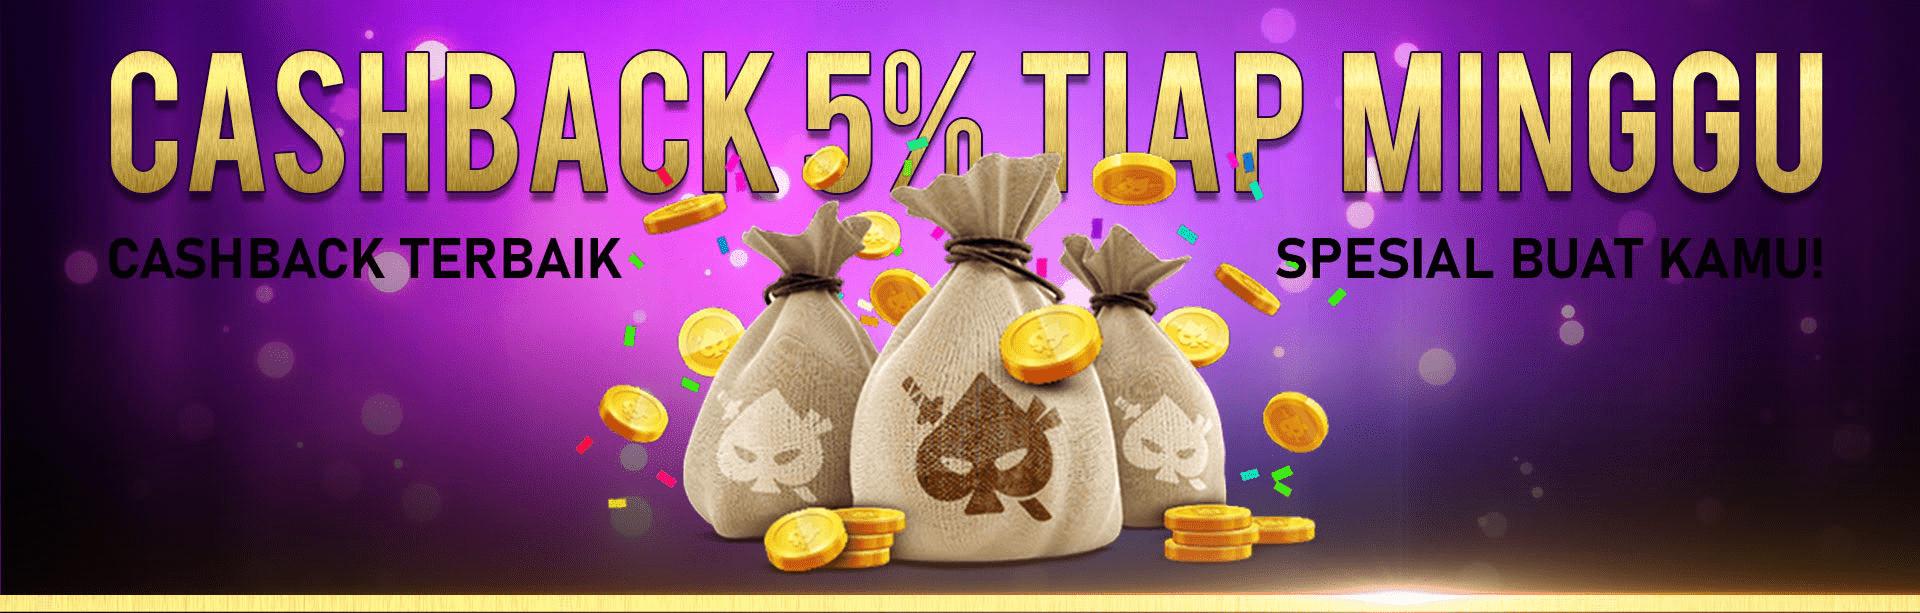 Cashback 5 % Mingguan